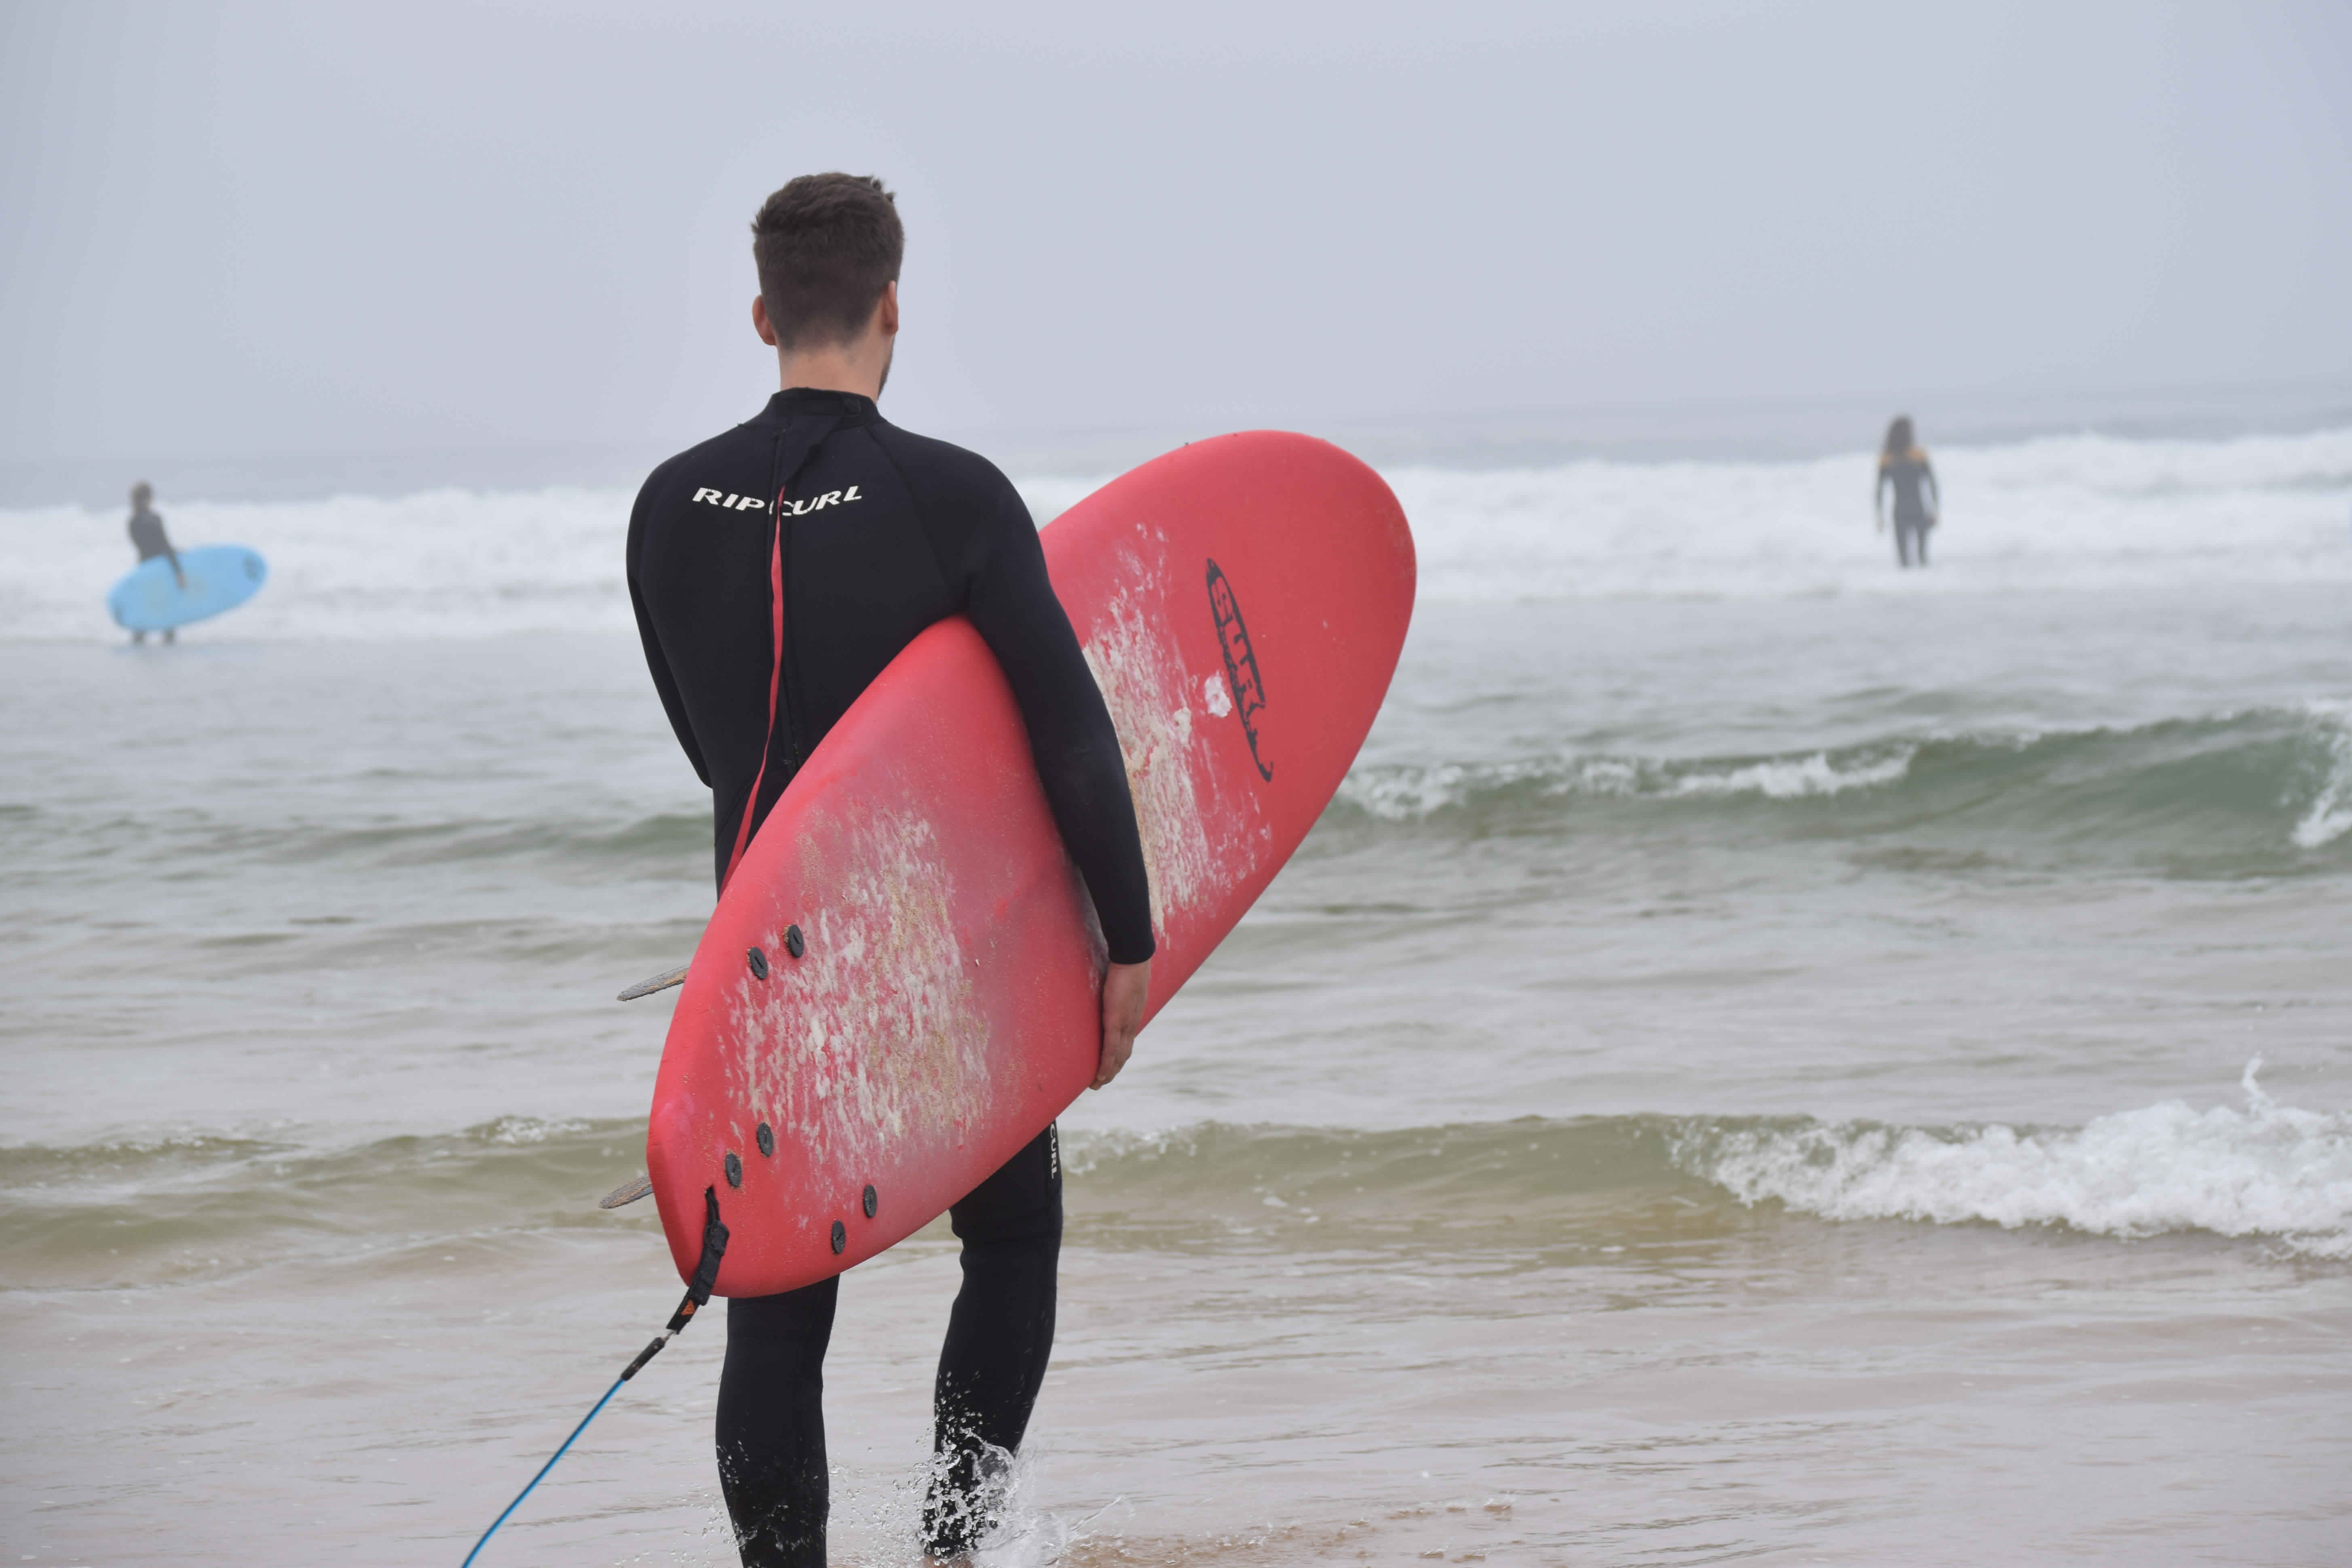 Surfer Surfen Lissabon Norden